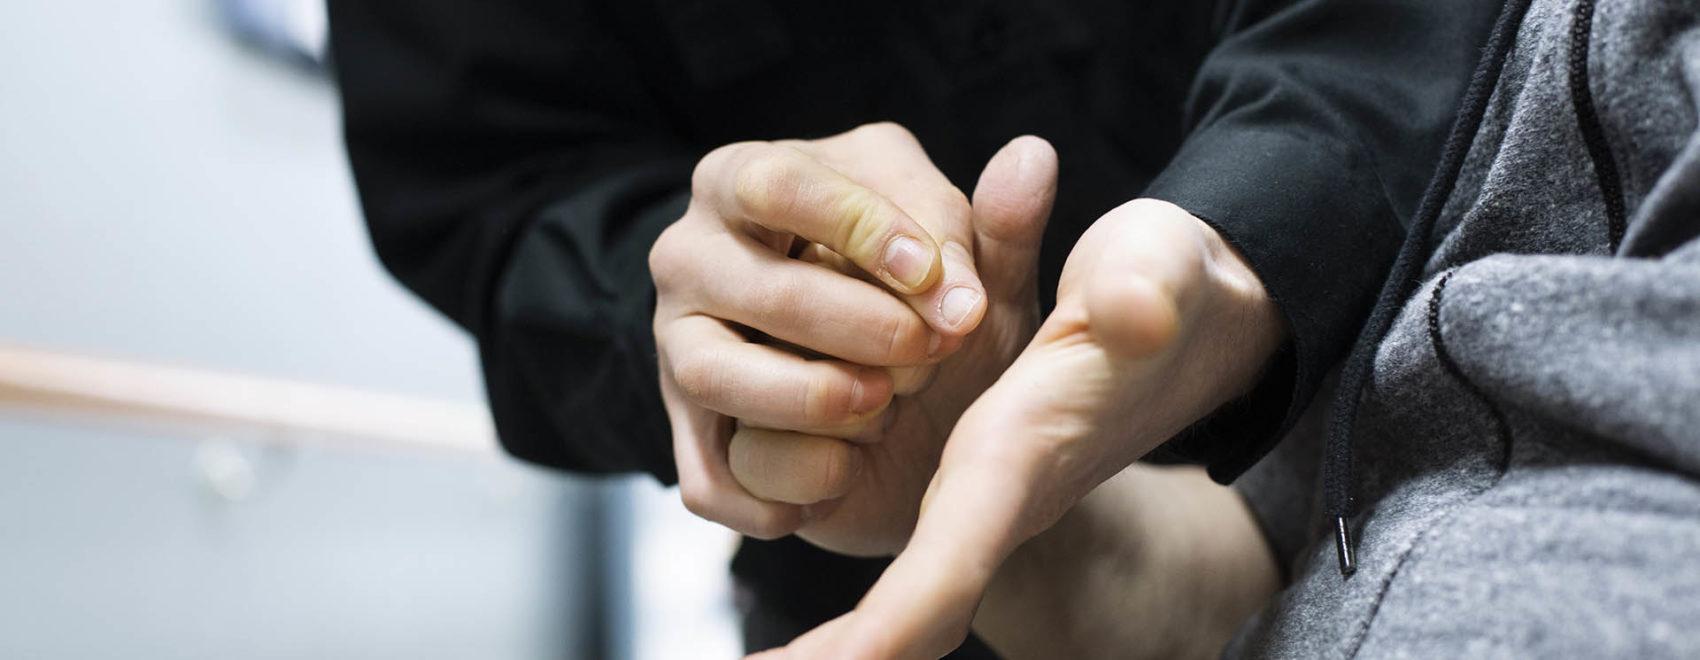 Kuvitus kuva, kädet käsissä